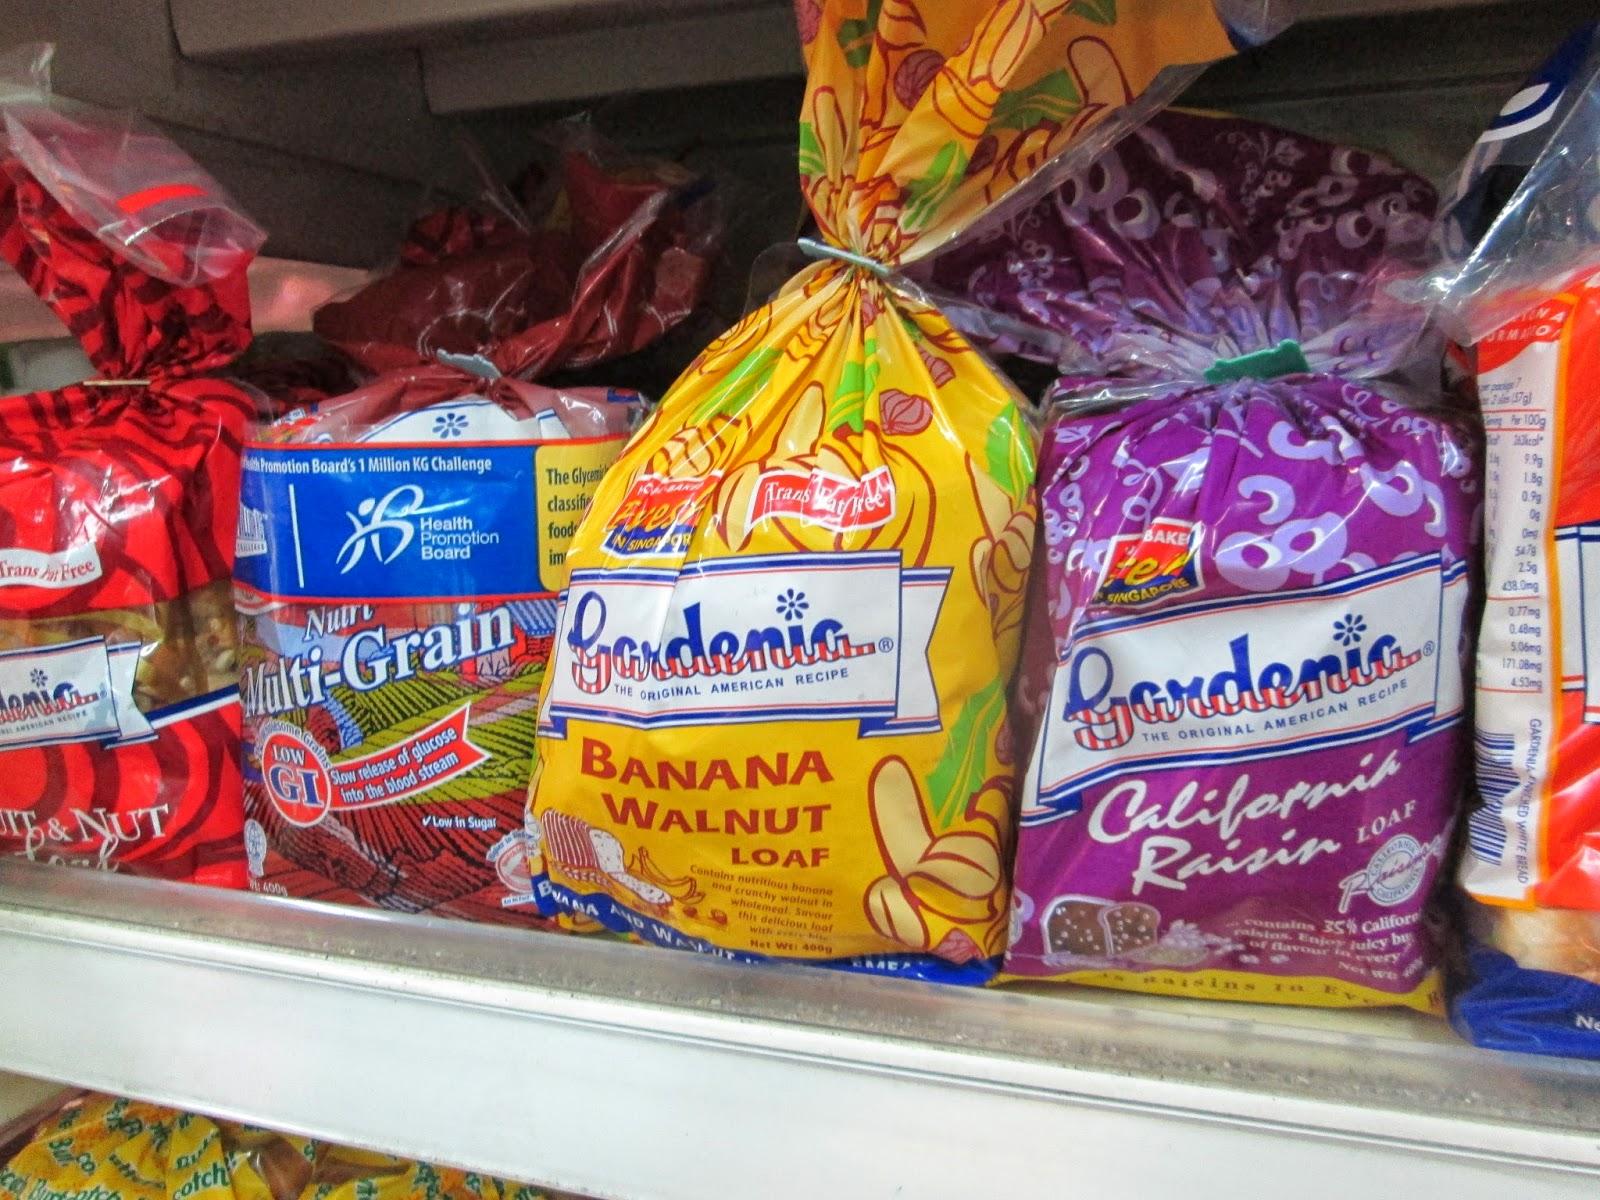 ผลการค้นหารูปภาพสำหรับ ขนมปังการ์ดิเนีย รสกล้วย กับข้าวโพด สิงคโปร์